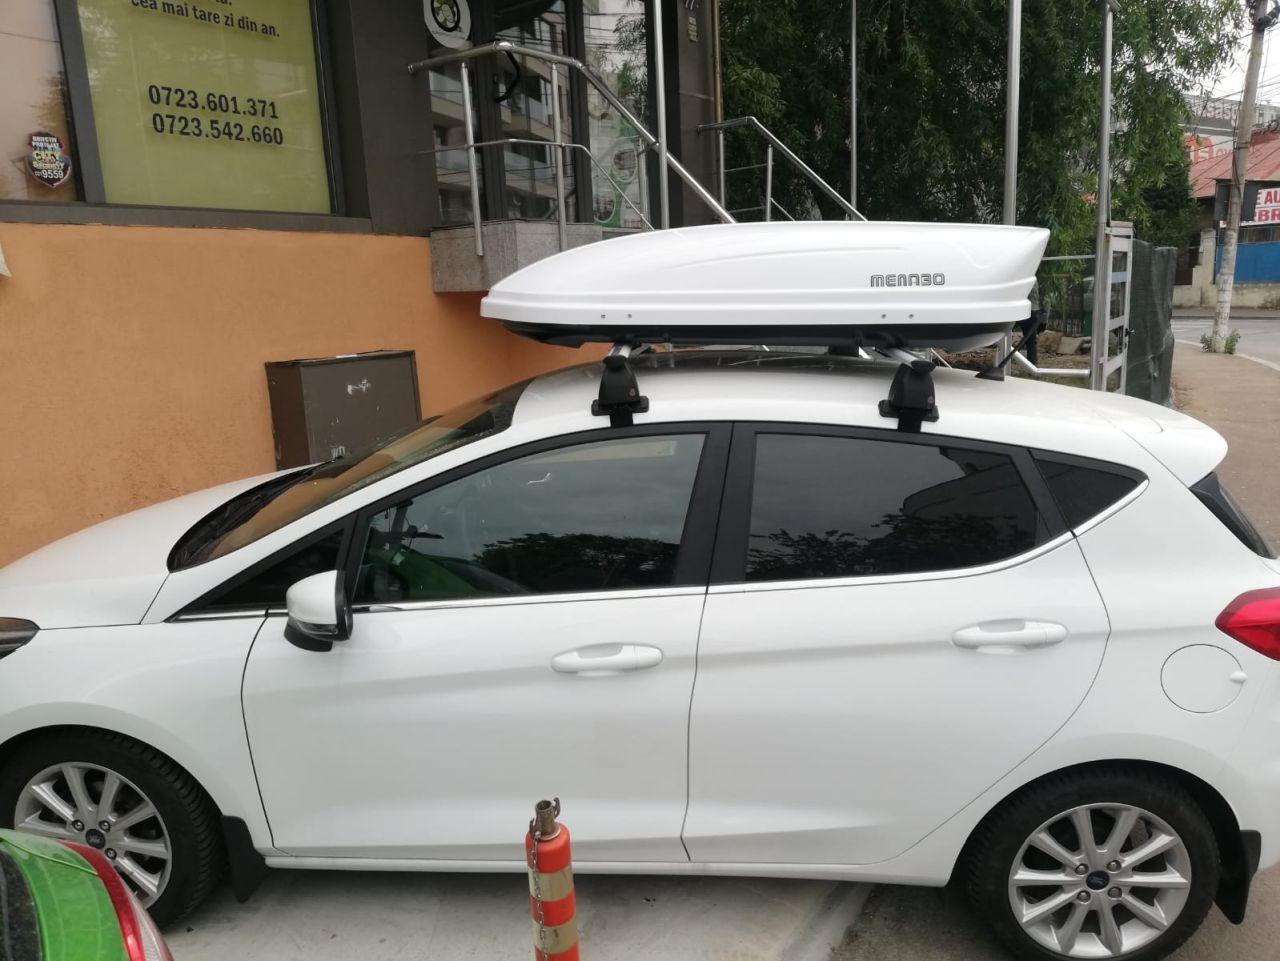 Ford Focus bare transversale Menato Delta Silver si cutie portbagaj Menabo Mania